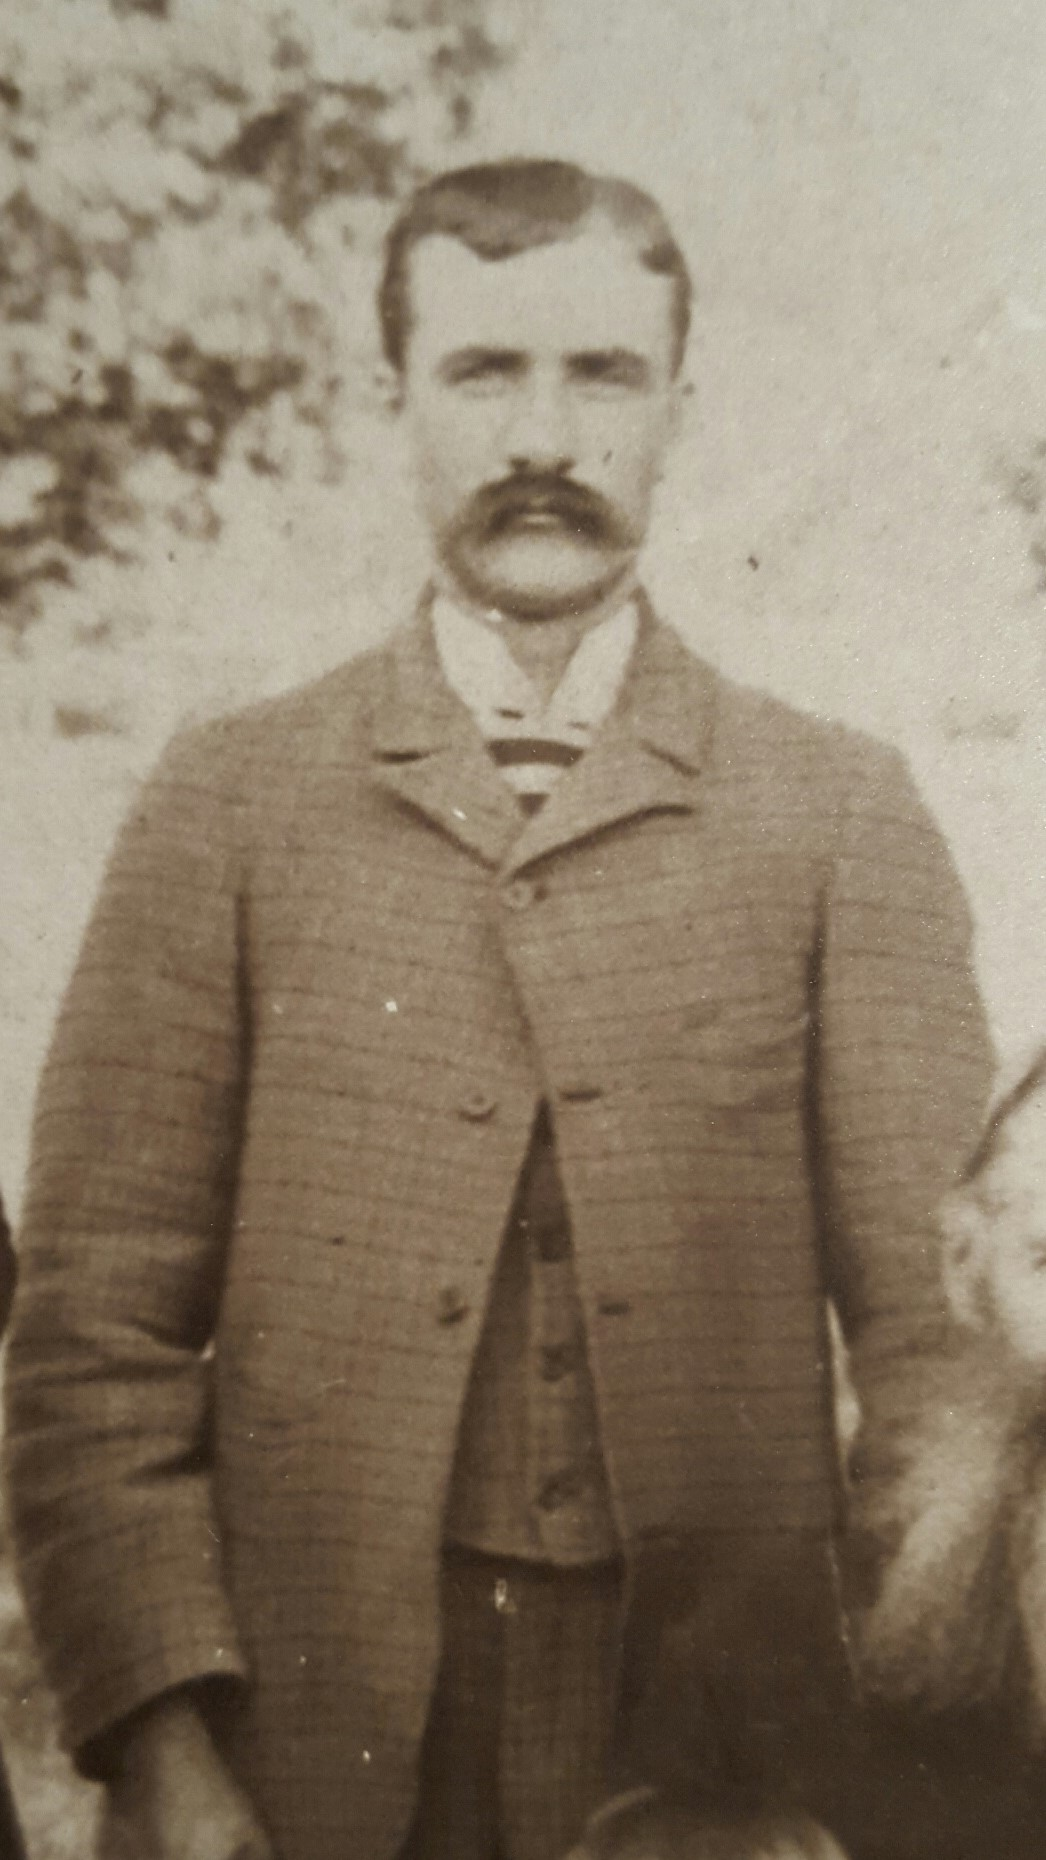 Daniel Reuben Bowman